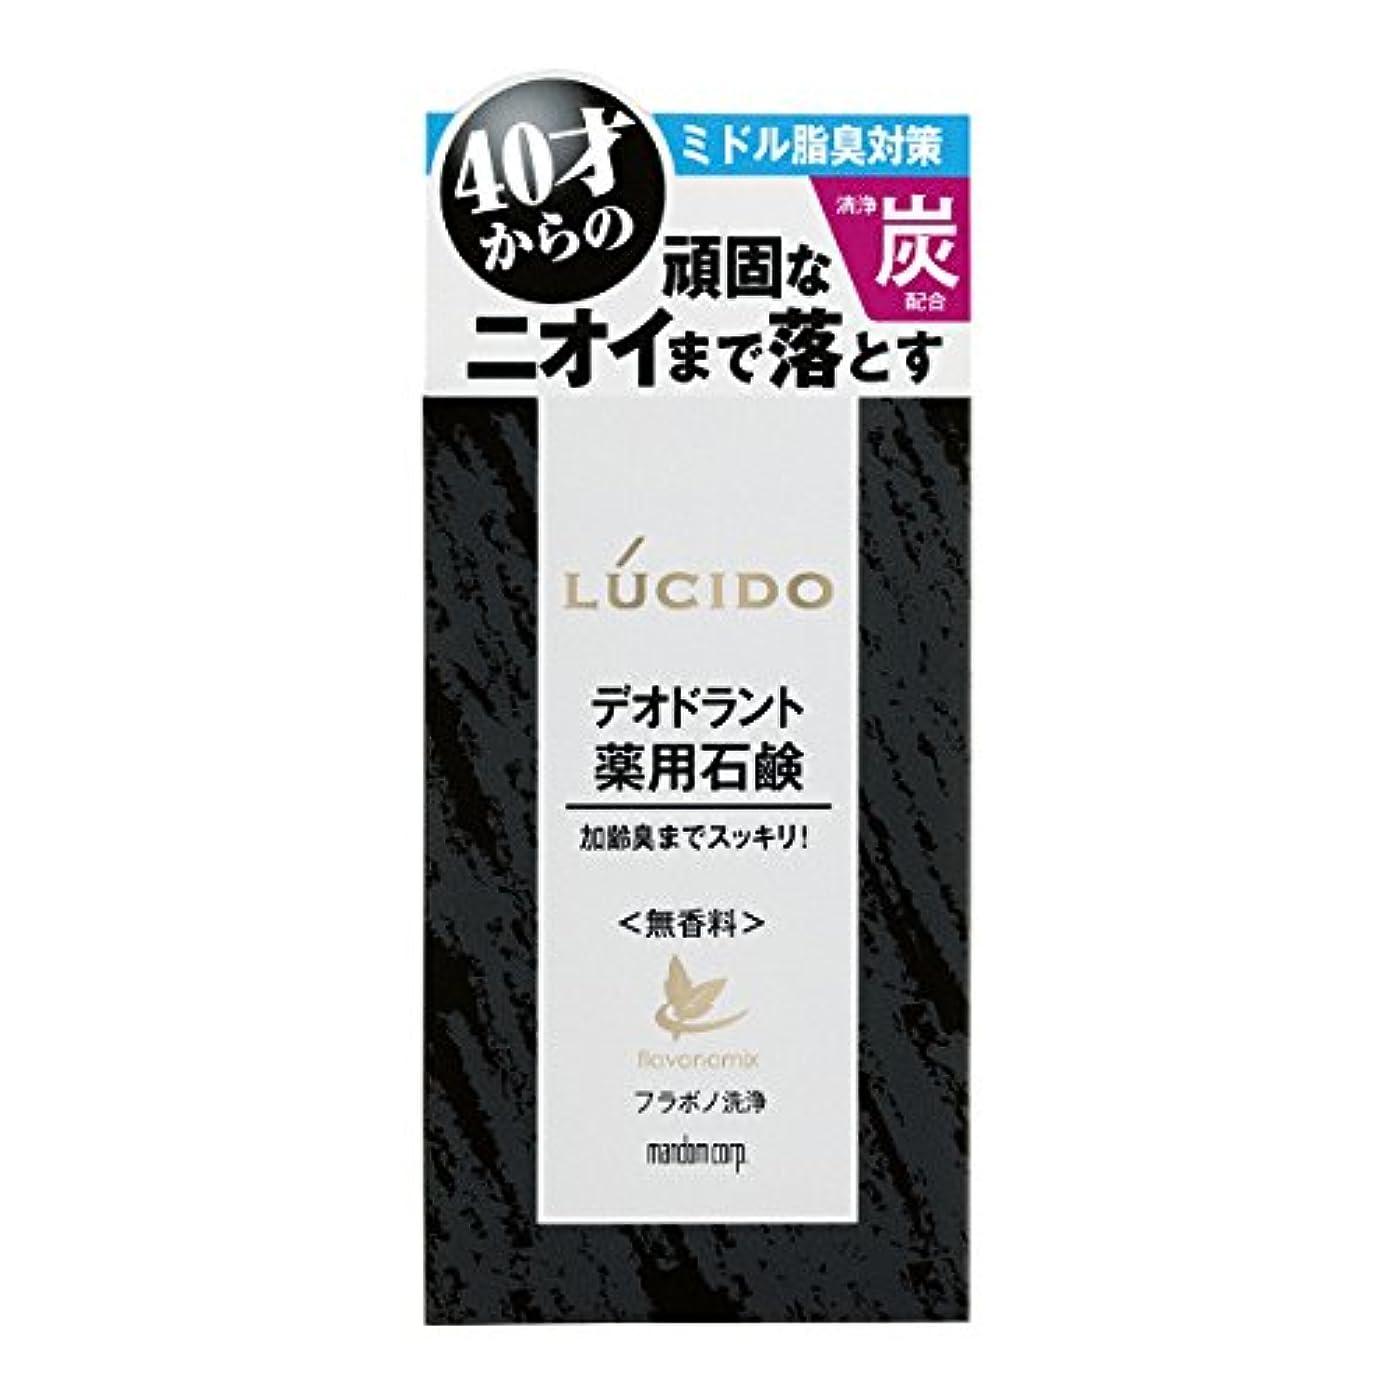 ルシード 薬用デオドラント石鹸 100g(医薬部外品)